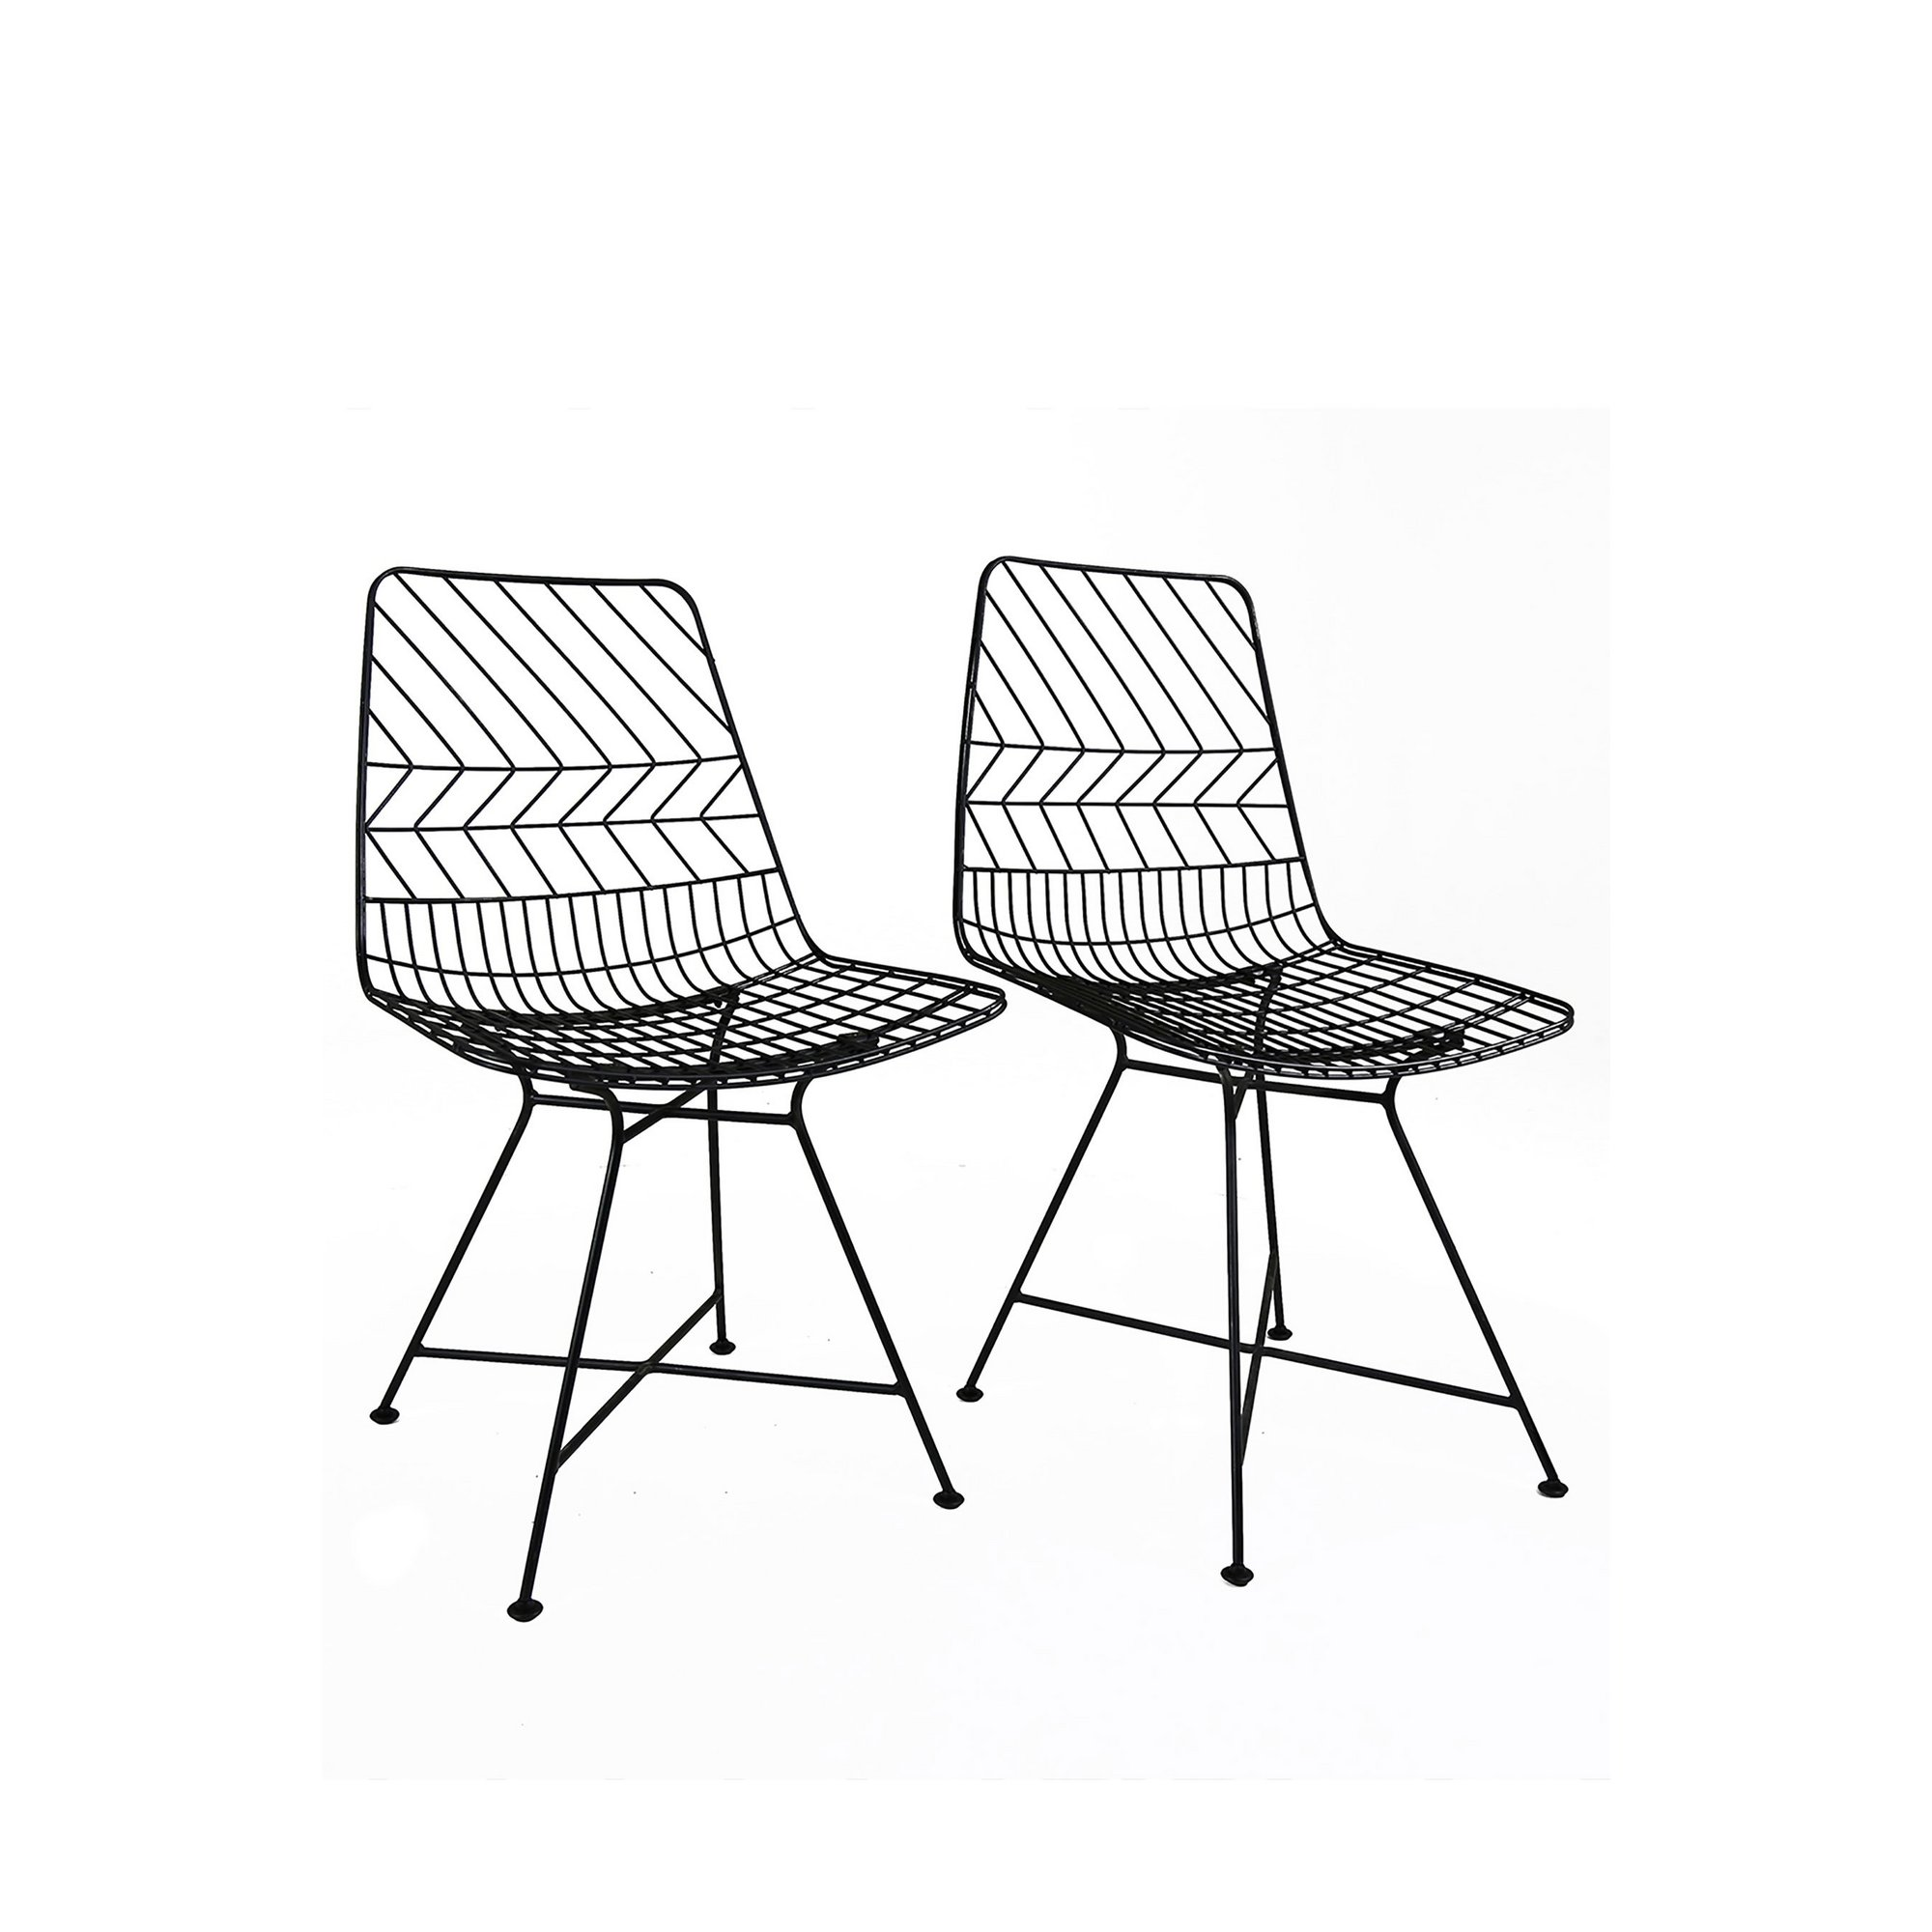 Image of Charles Bentley Pair of Metal Outdoor Chairs Black